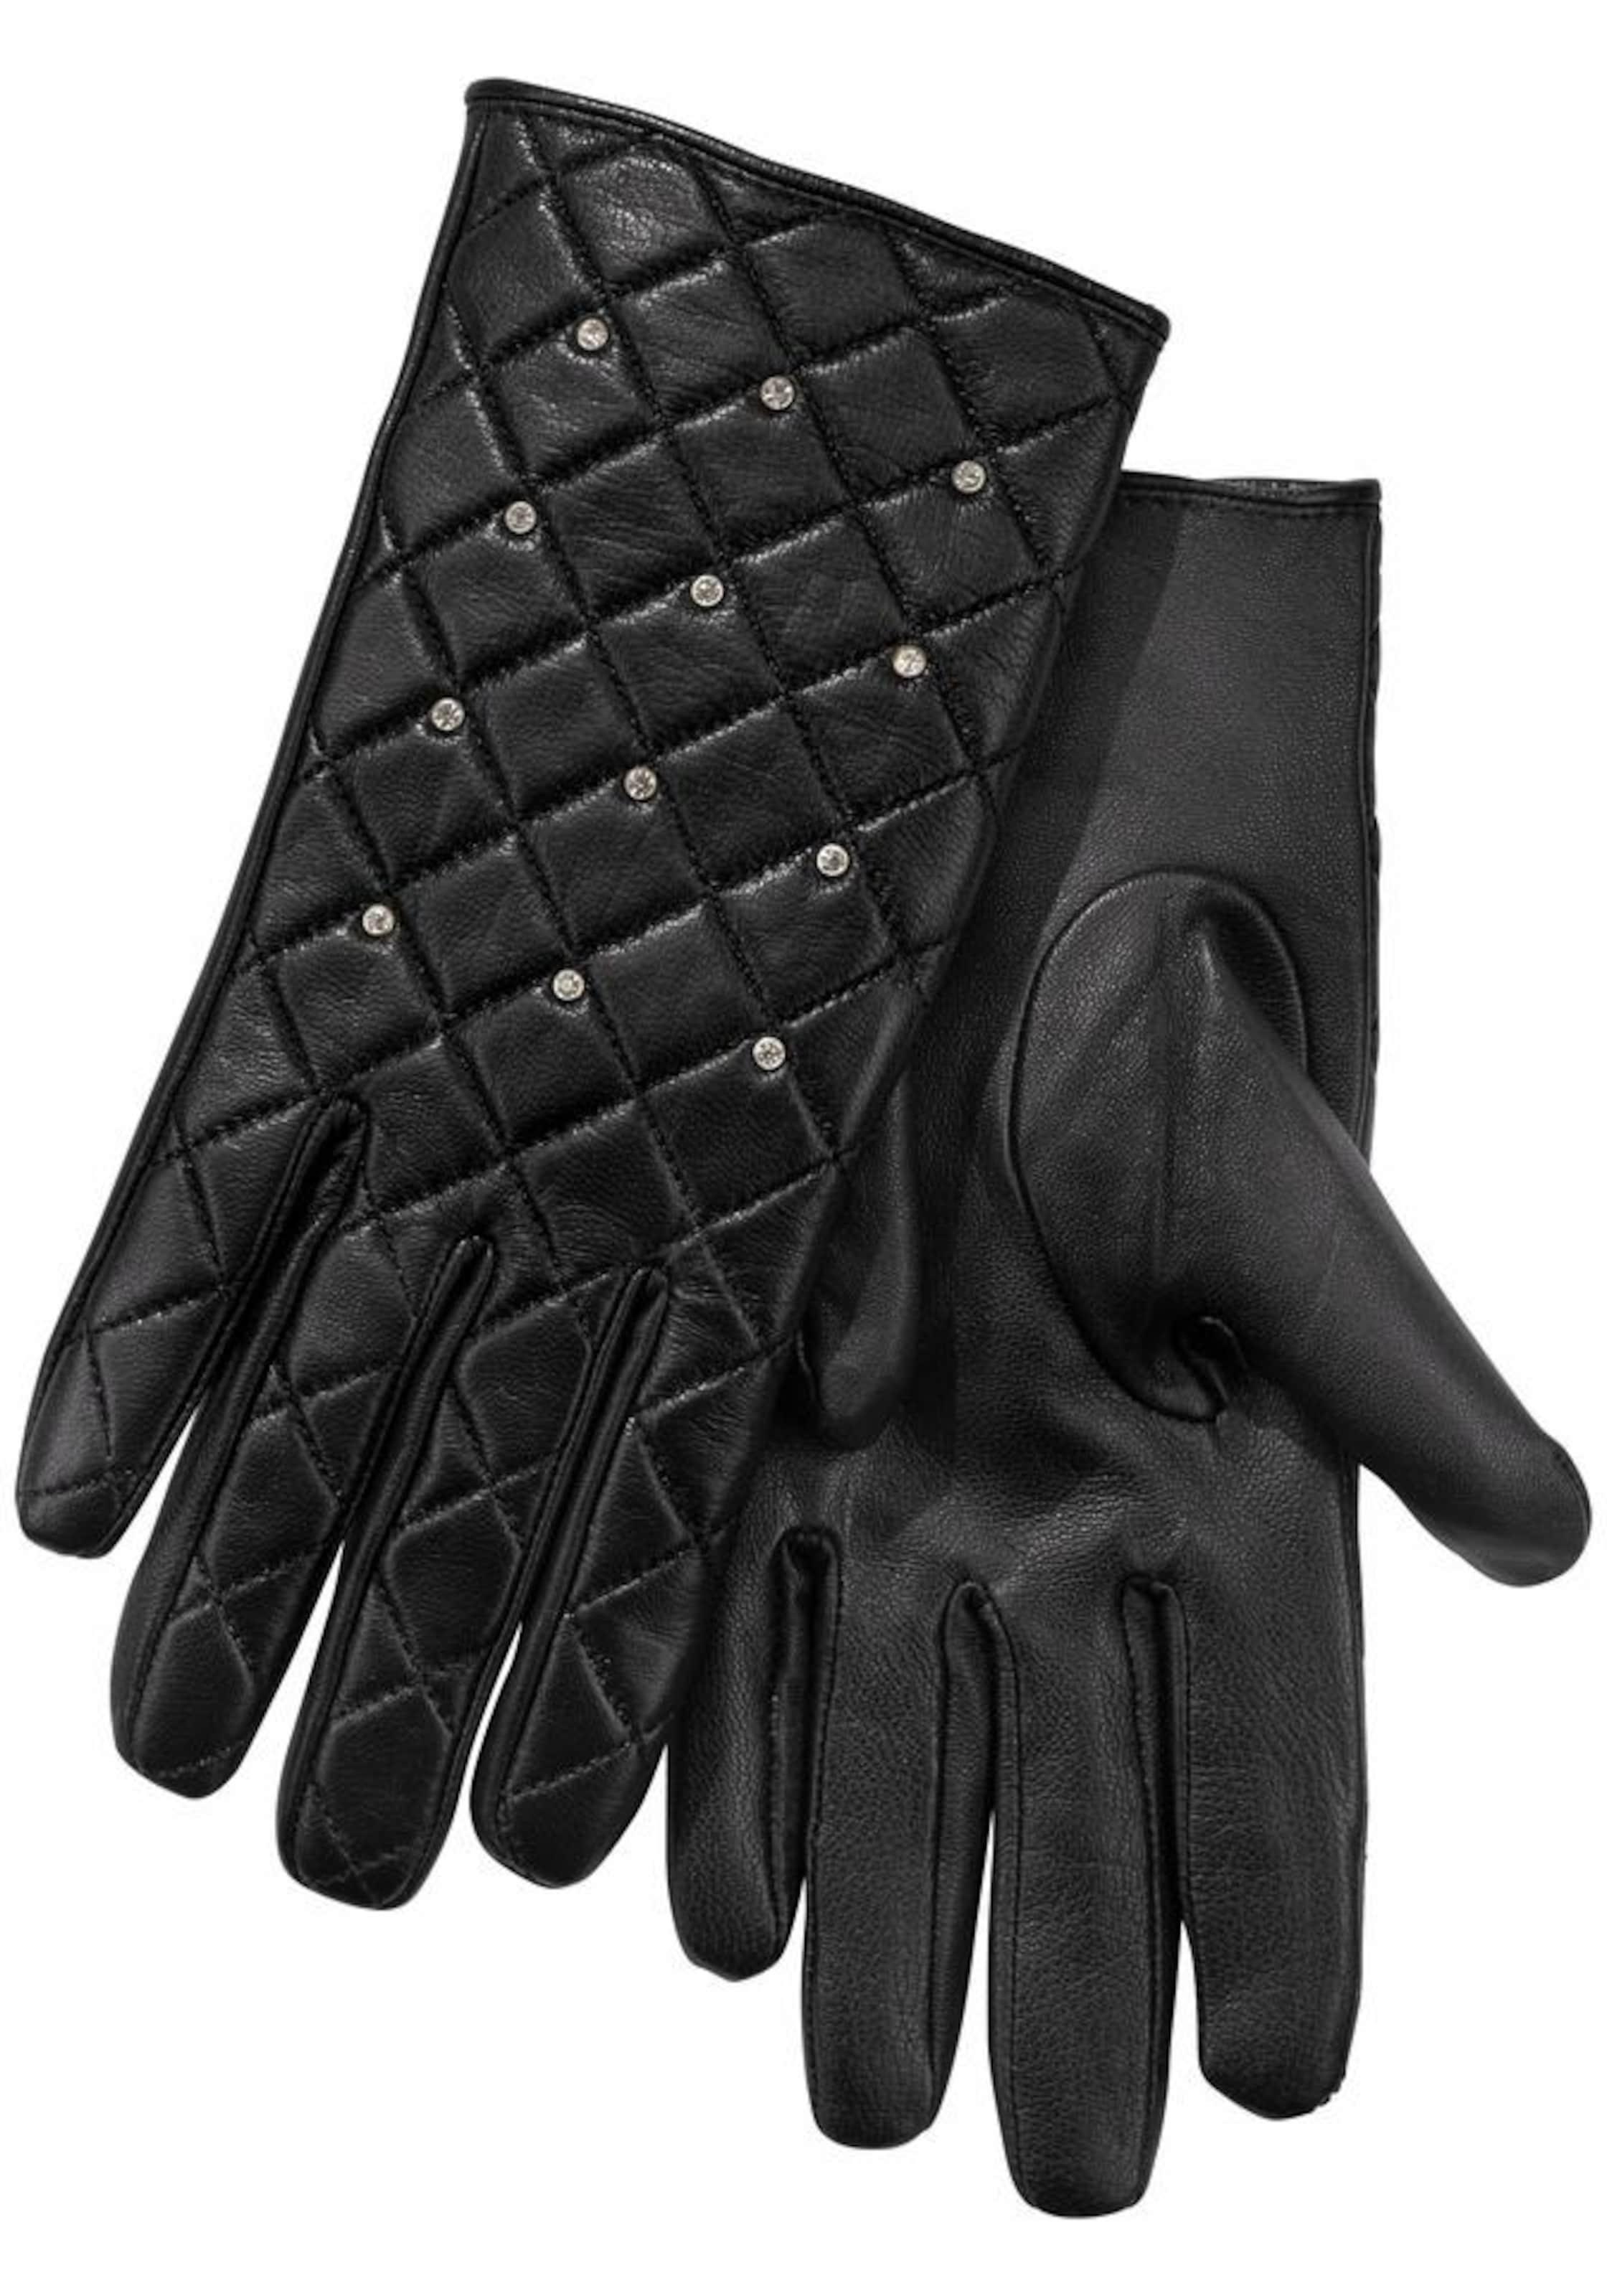 Schwarz JJayz Schwarz Lederhandschuhe Lederhandschuhe In Lederhandschuhe Schwarz In JJayz JJayz In jSUVGLpMqz